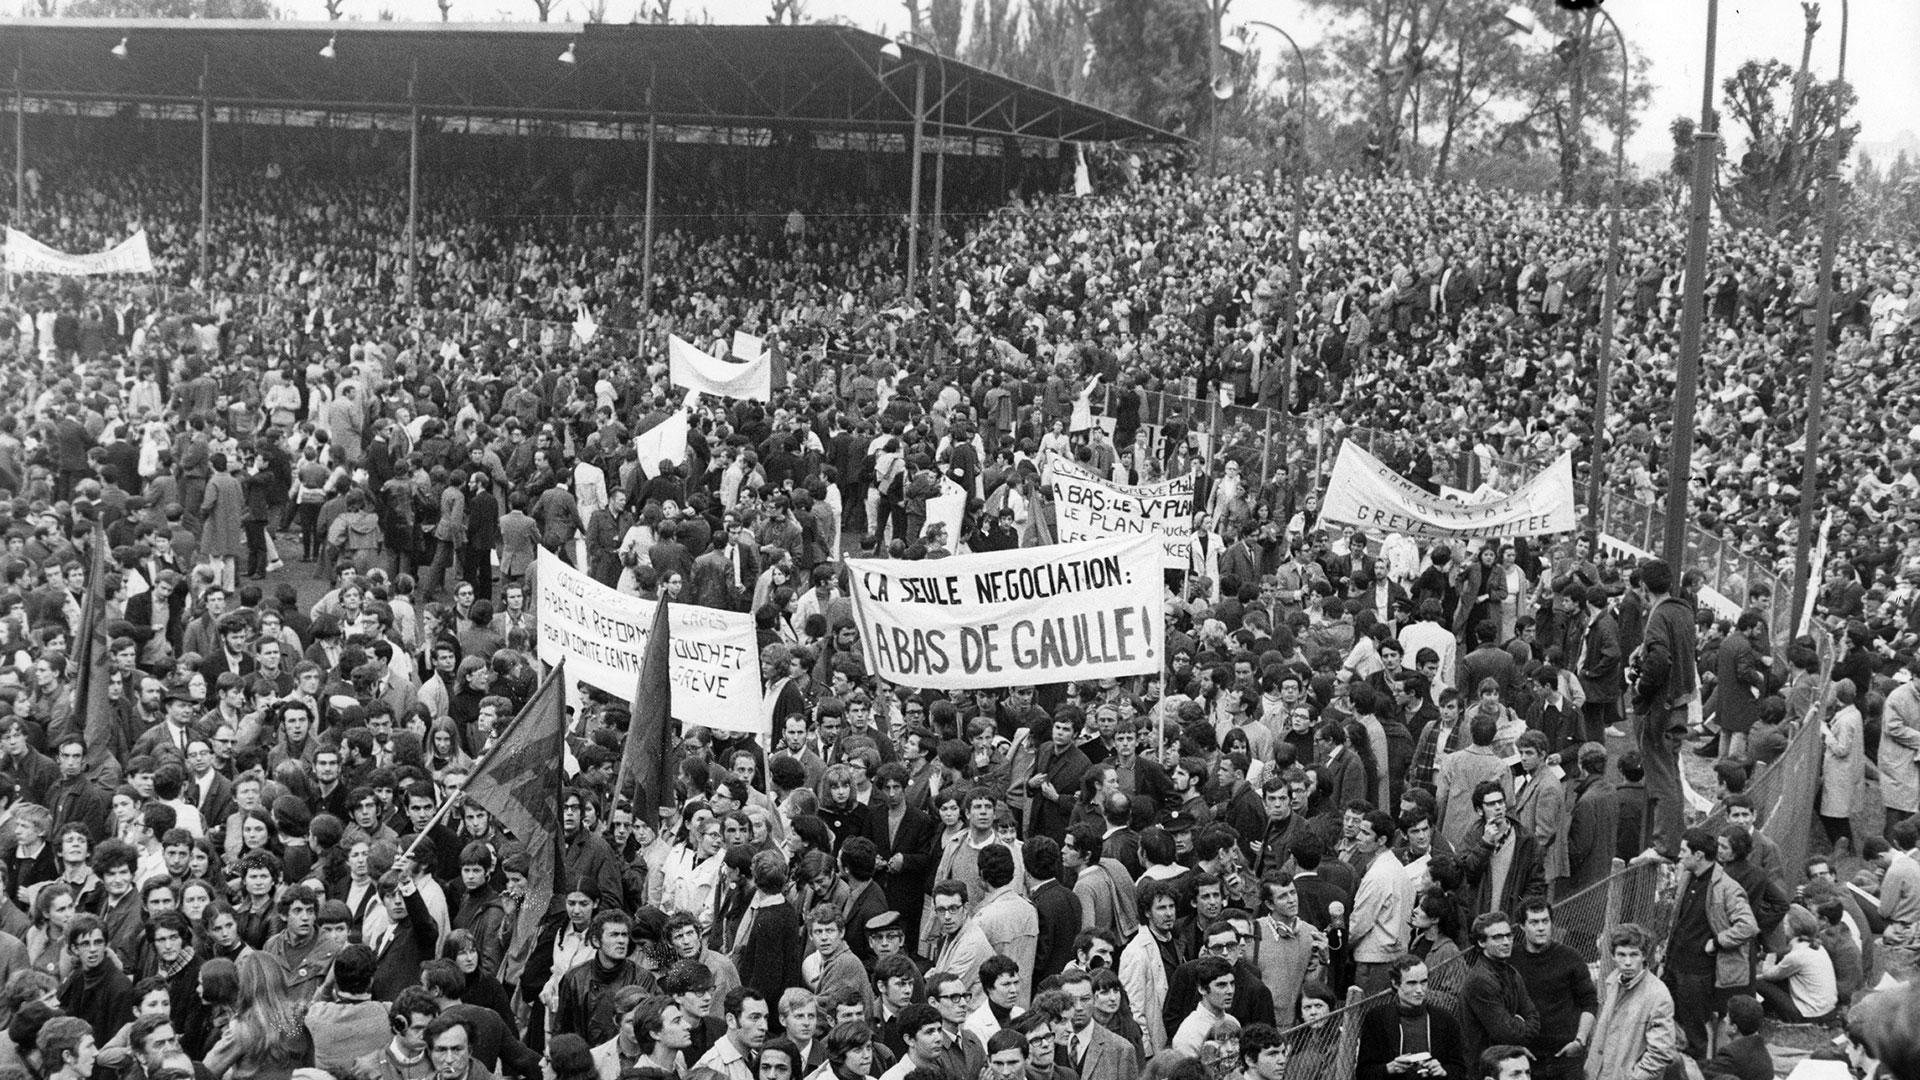 En el mundo eran días de movilización popular: poco tiempo antes había tenido lugar el Mayo Francés de 1968